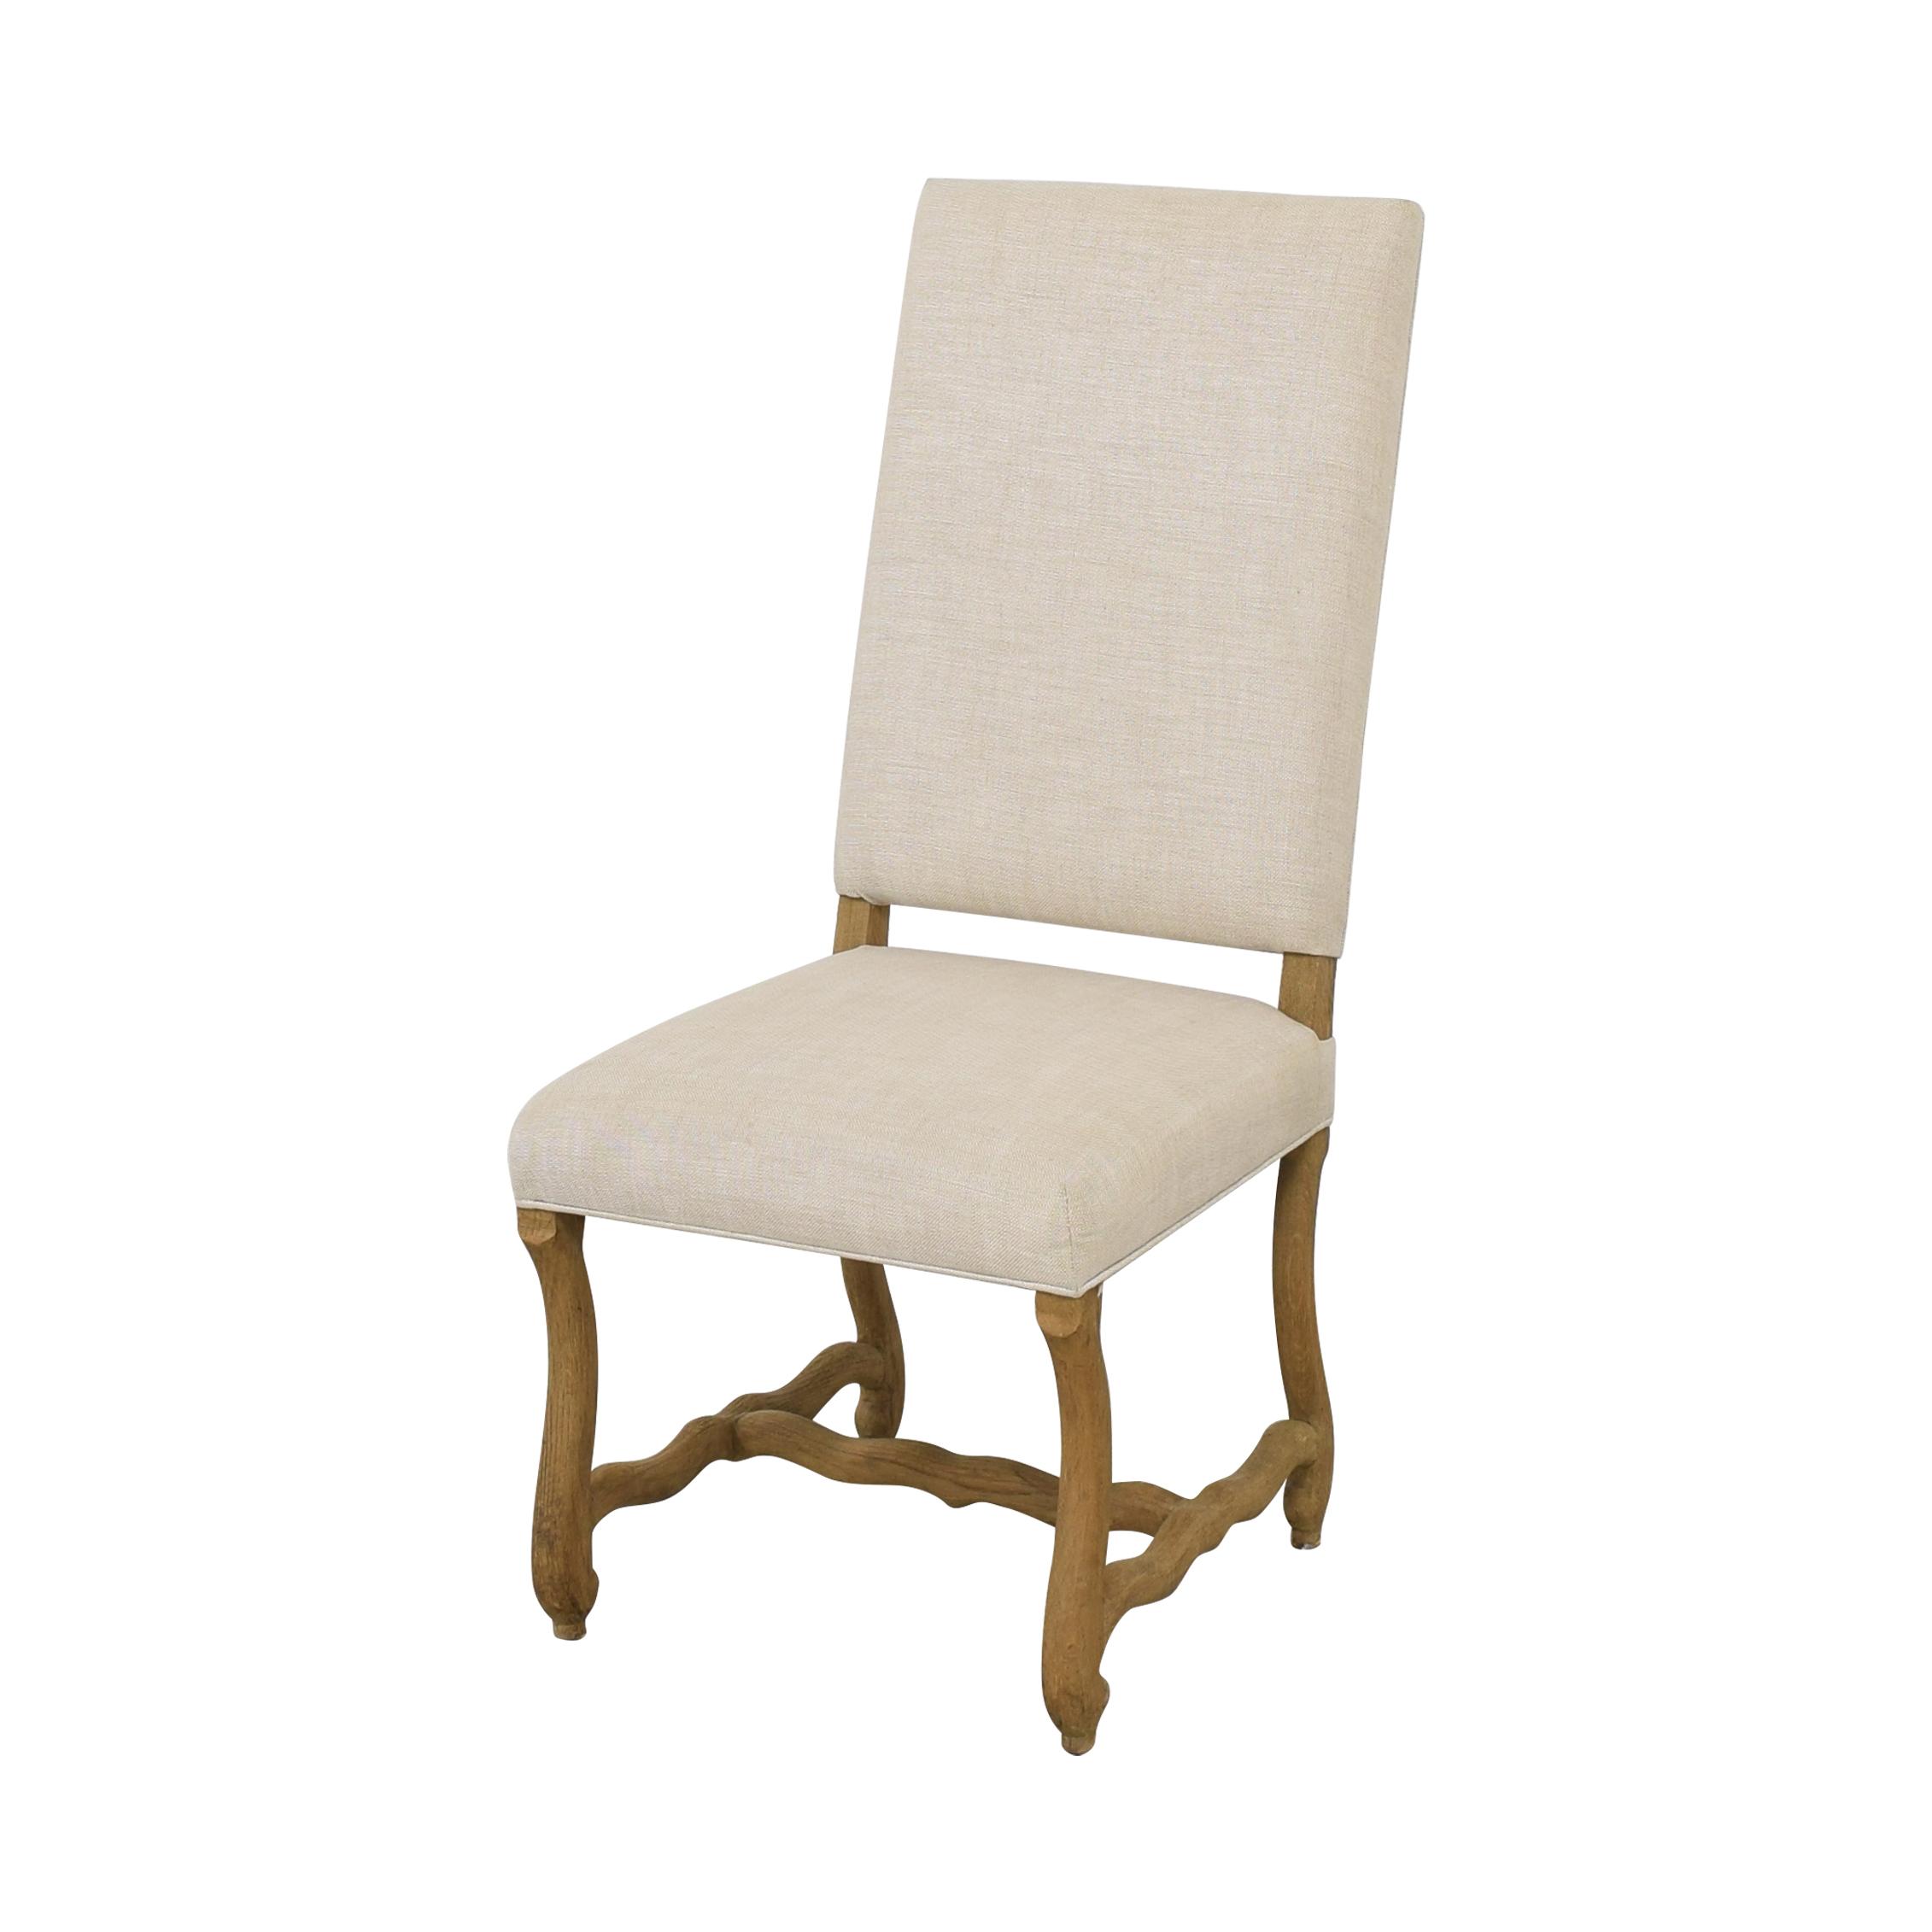 buy Restoration Hardware High Back Dining Chair Restoration Hardware Dining Chairs